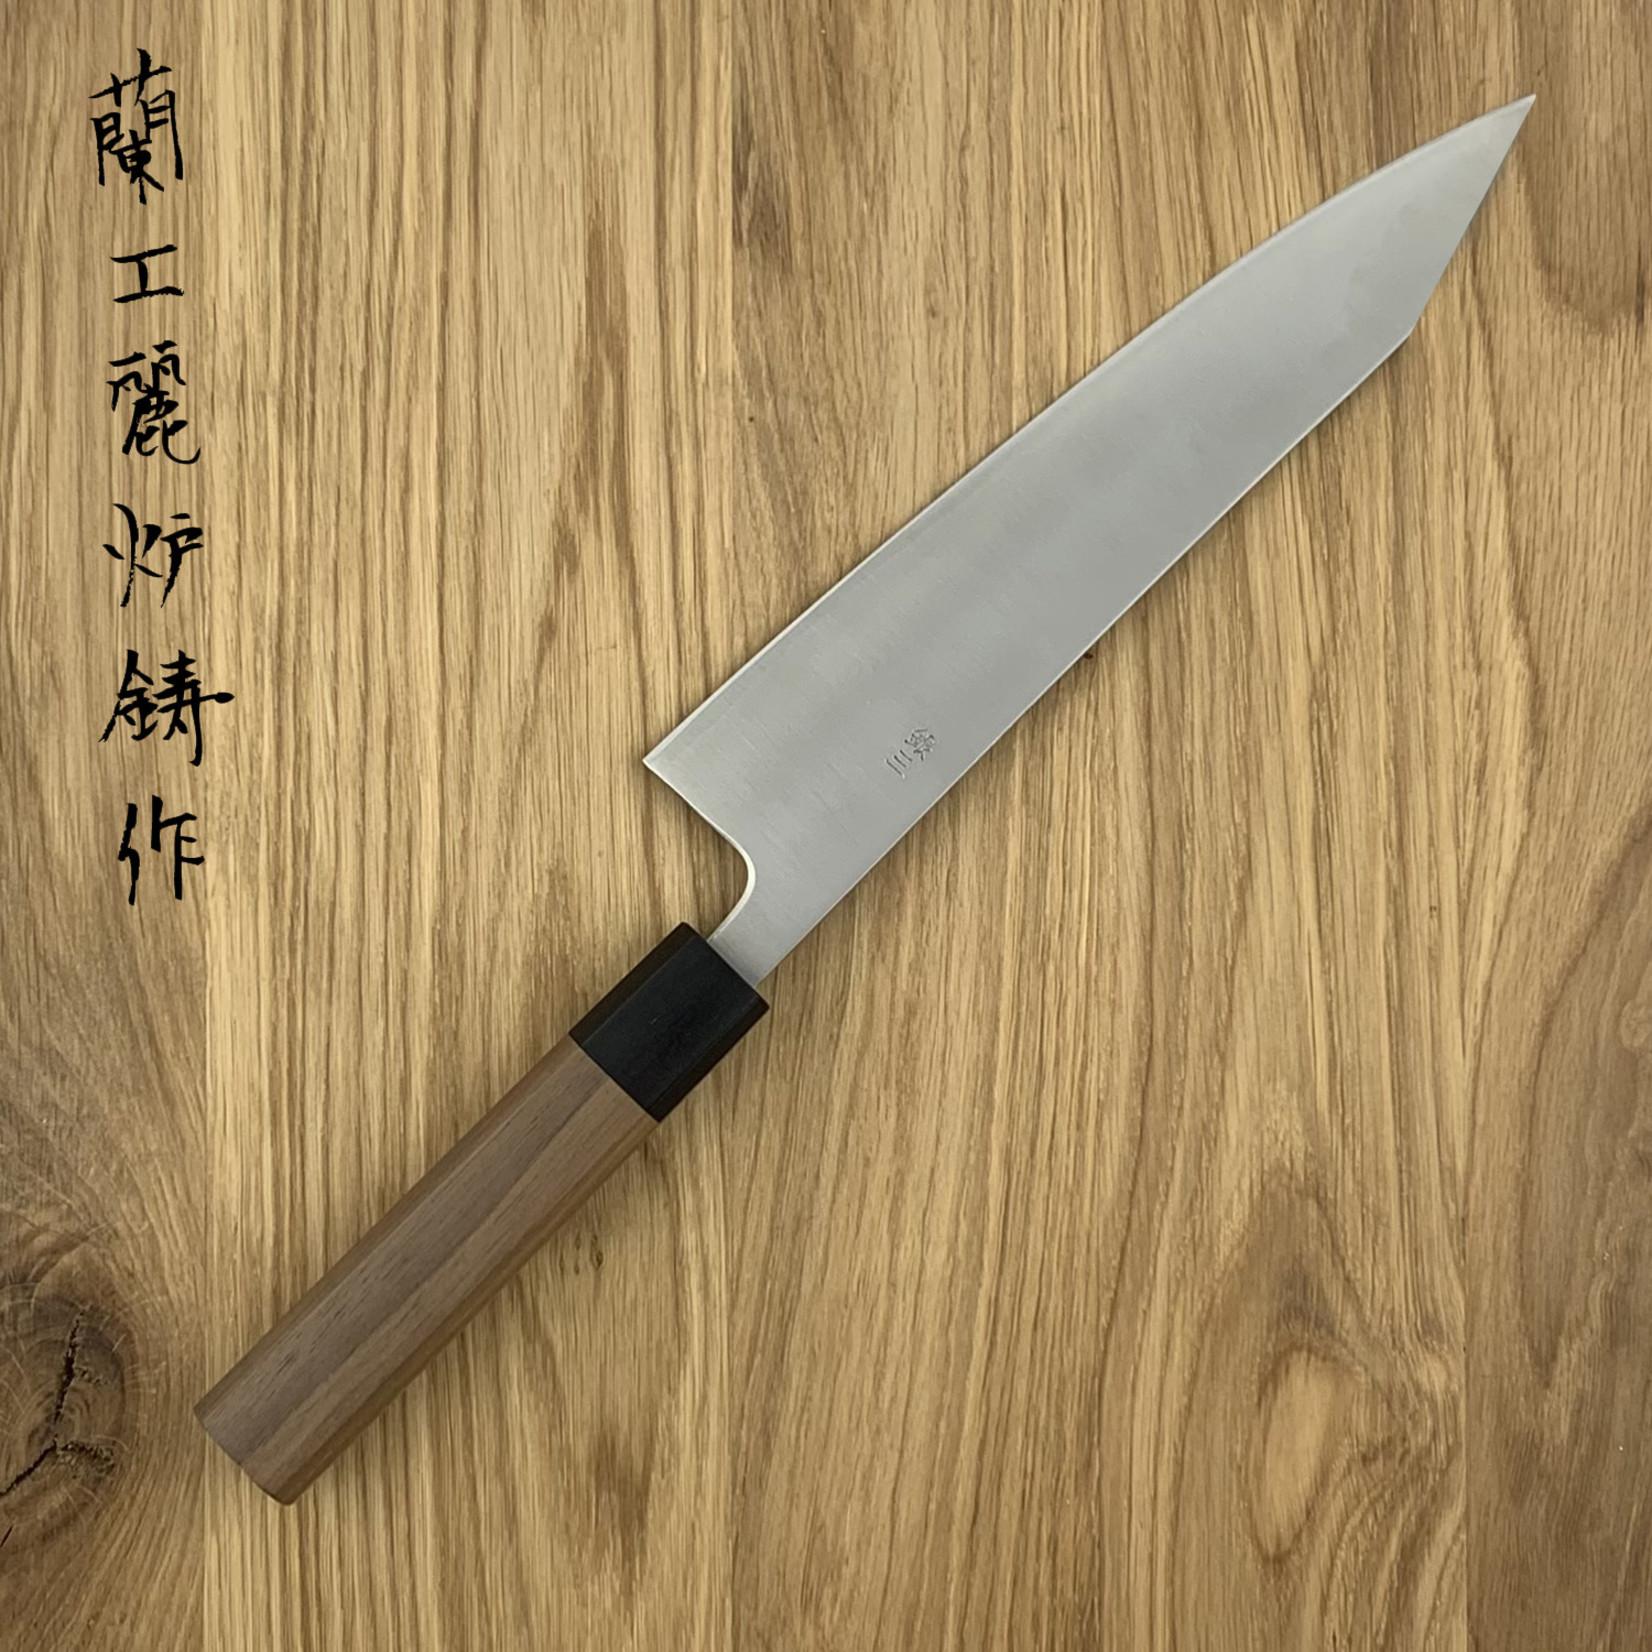 KIKUICHI Ginsan Sanmai Walnoot Heft Kiritsuke Gyuto 180mm